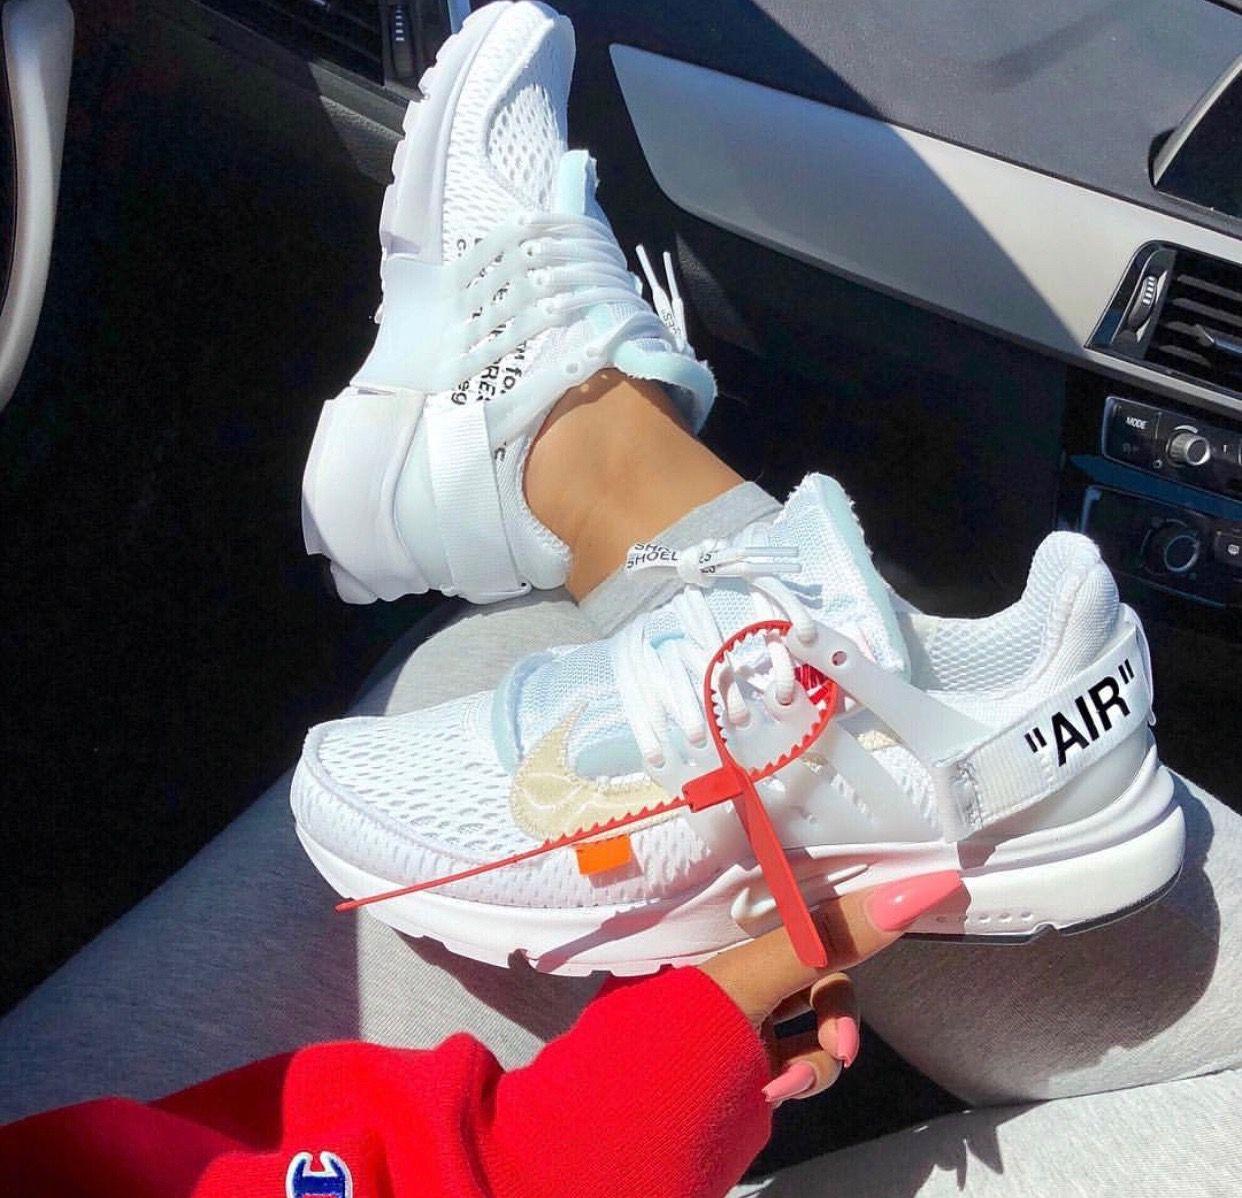 Pin de Sandra Reynoso en shoes | Zapatos impresionantes